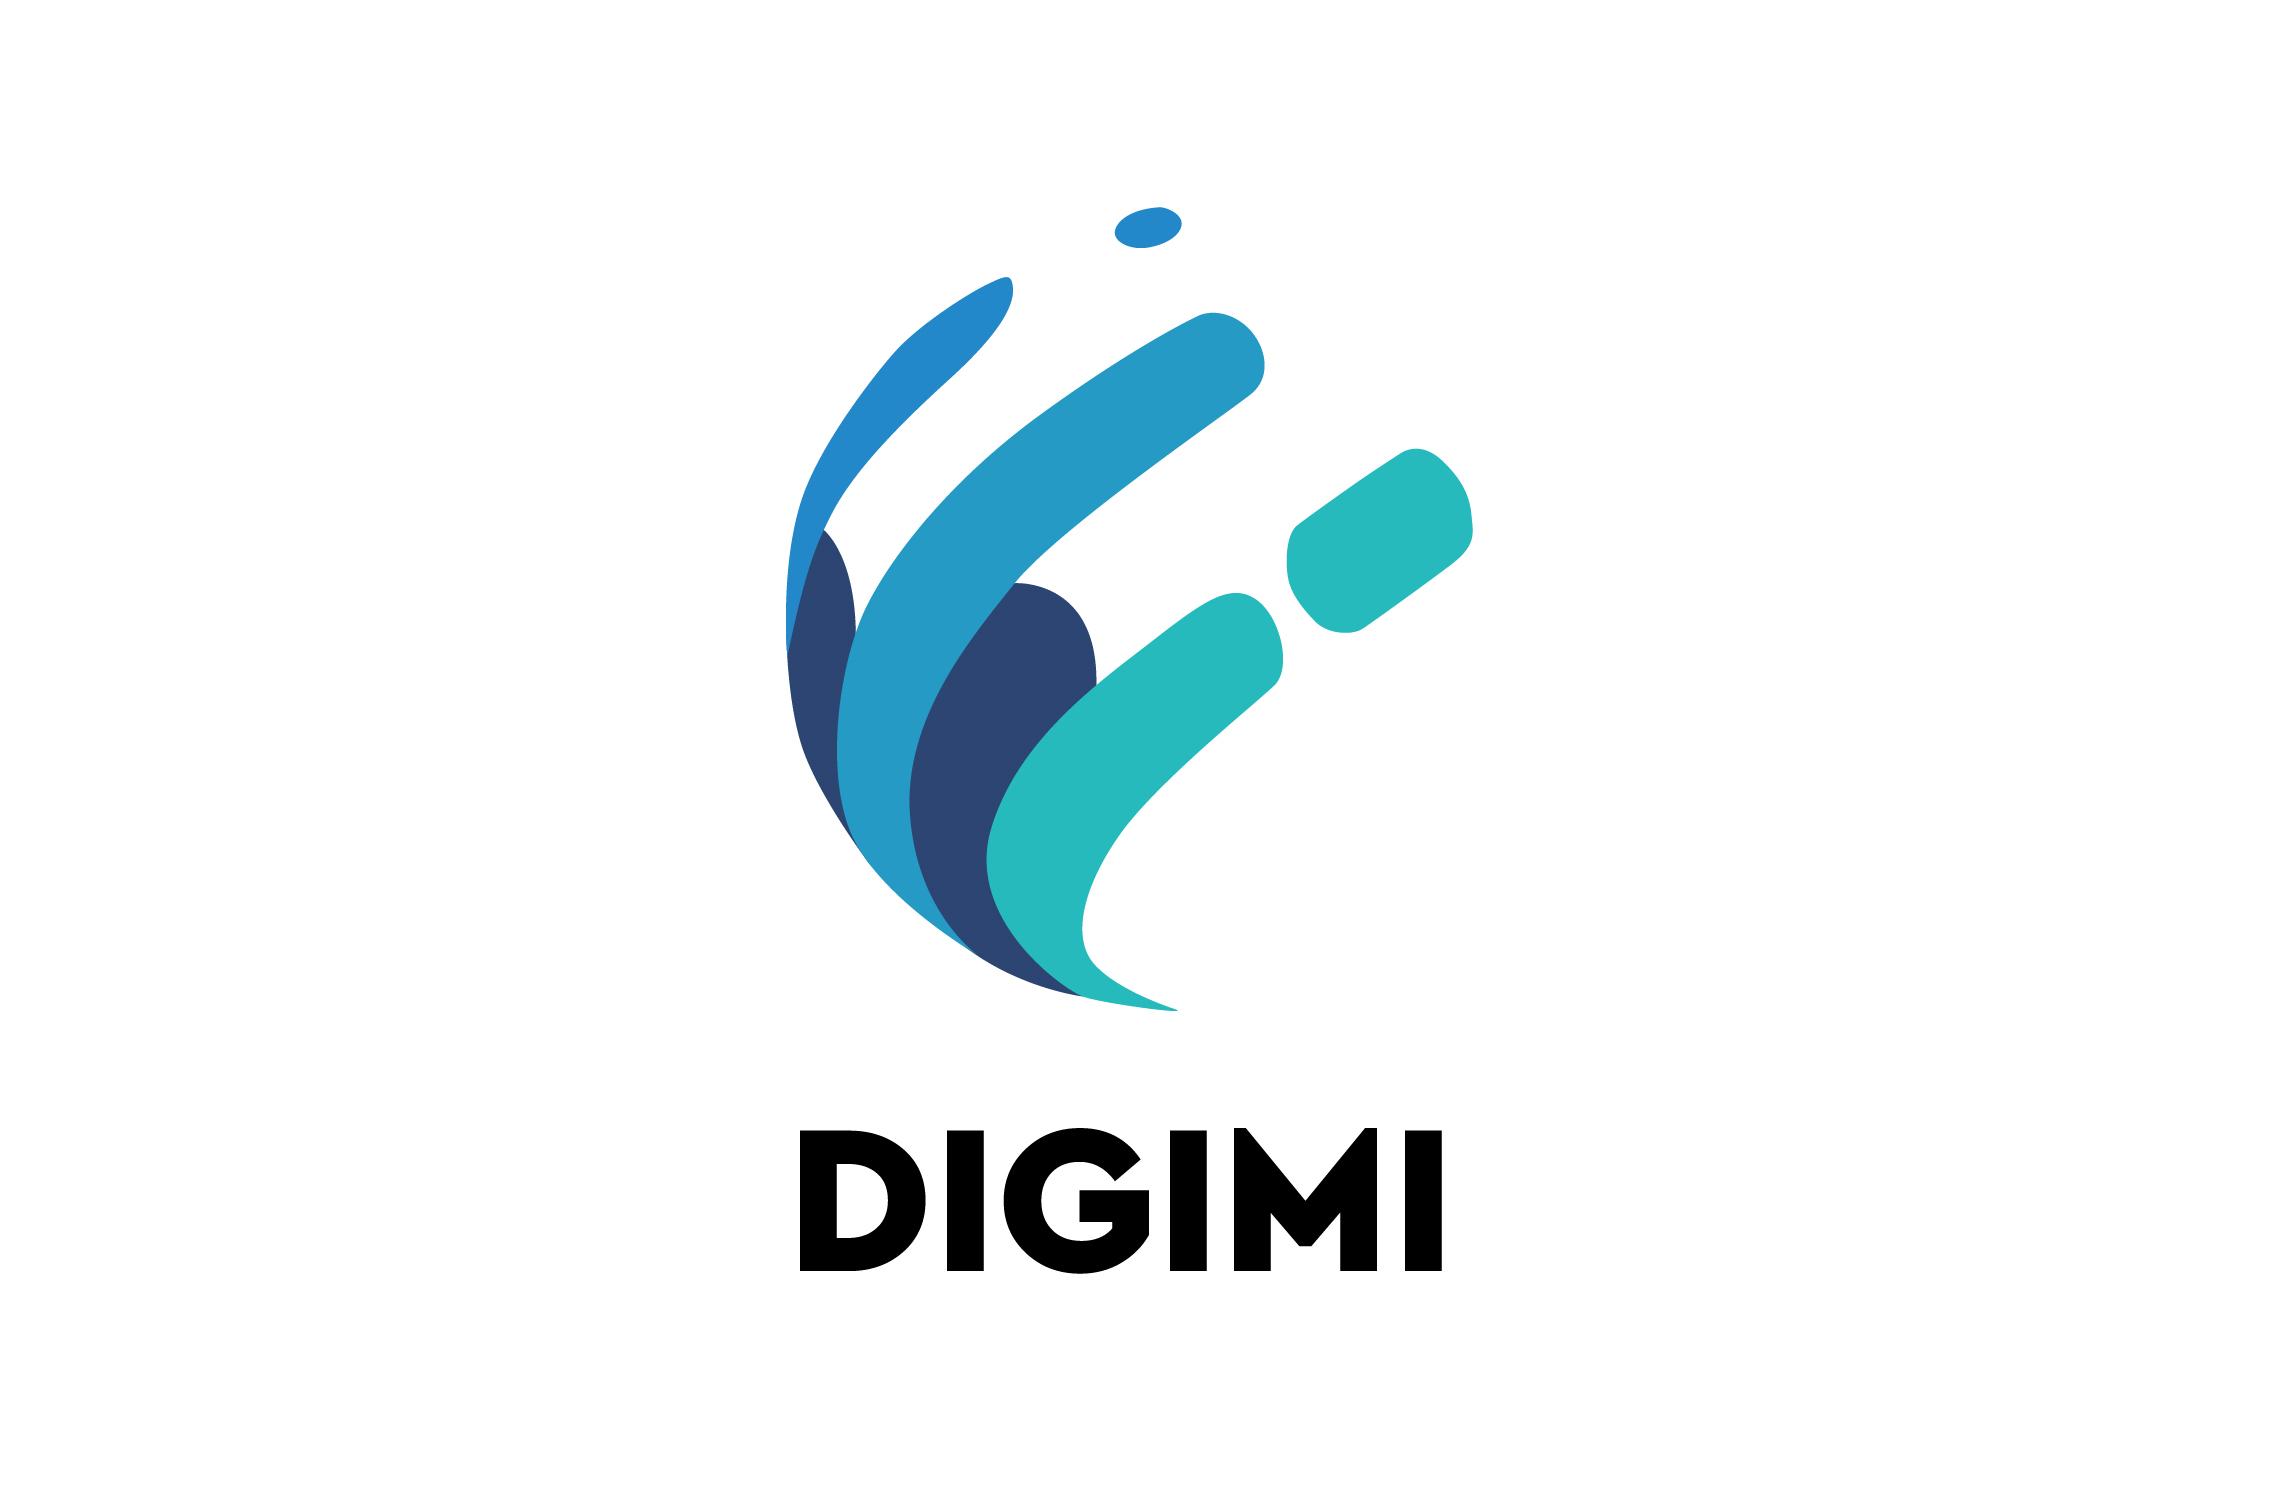 DIGIMI logo